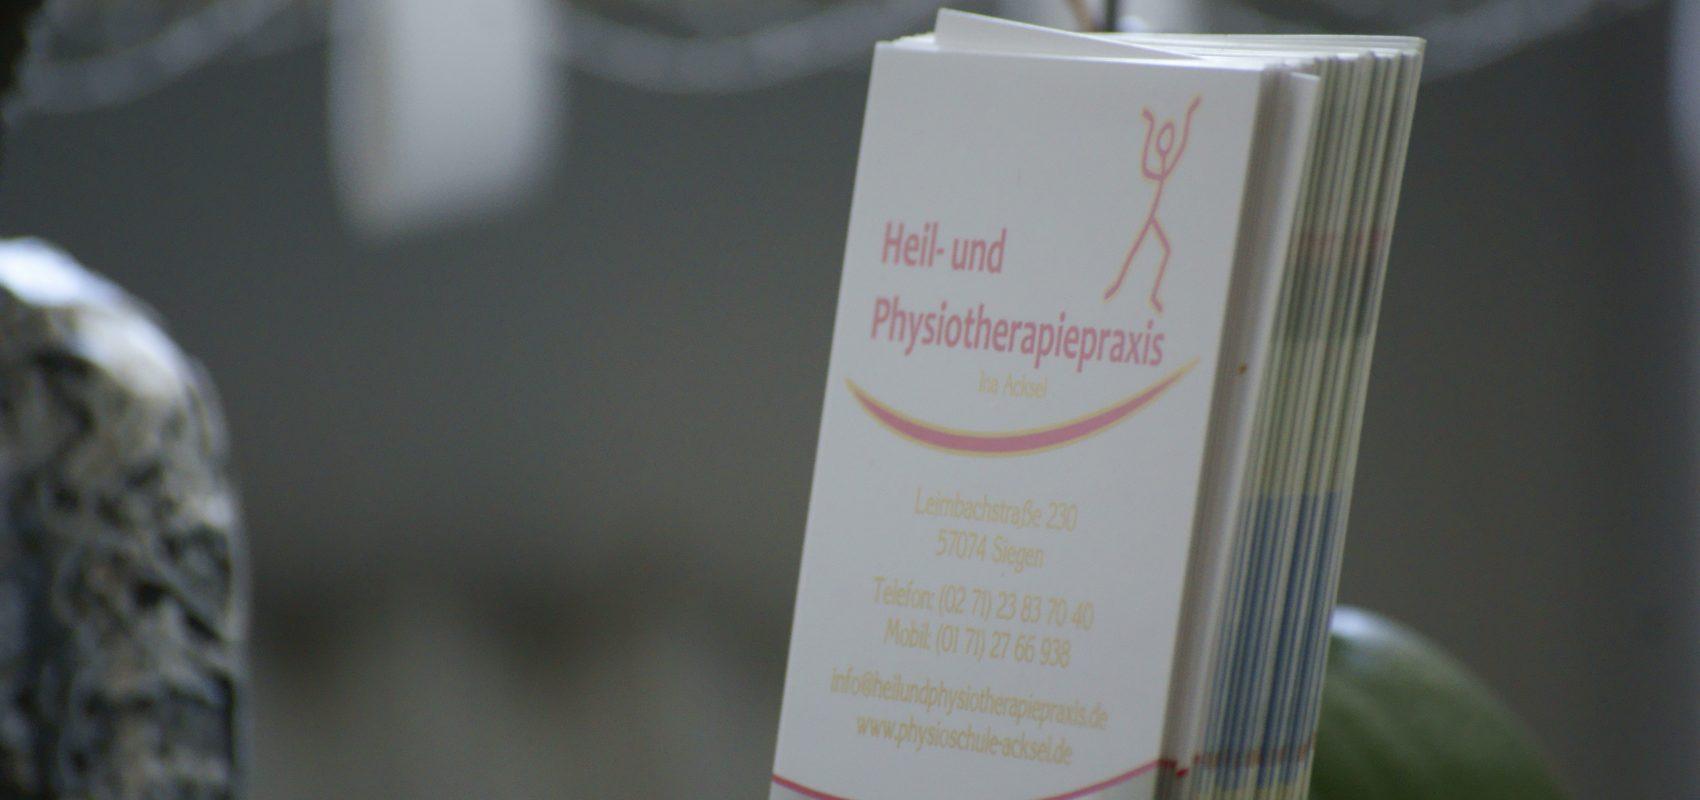 Heil- und Physiotherapie-Praxis Ina Acksel Siegen